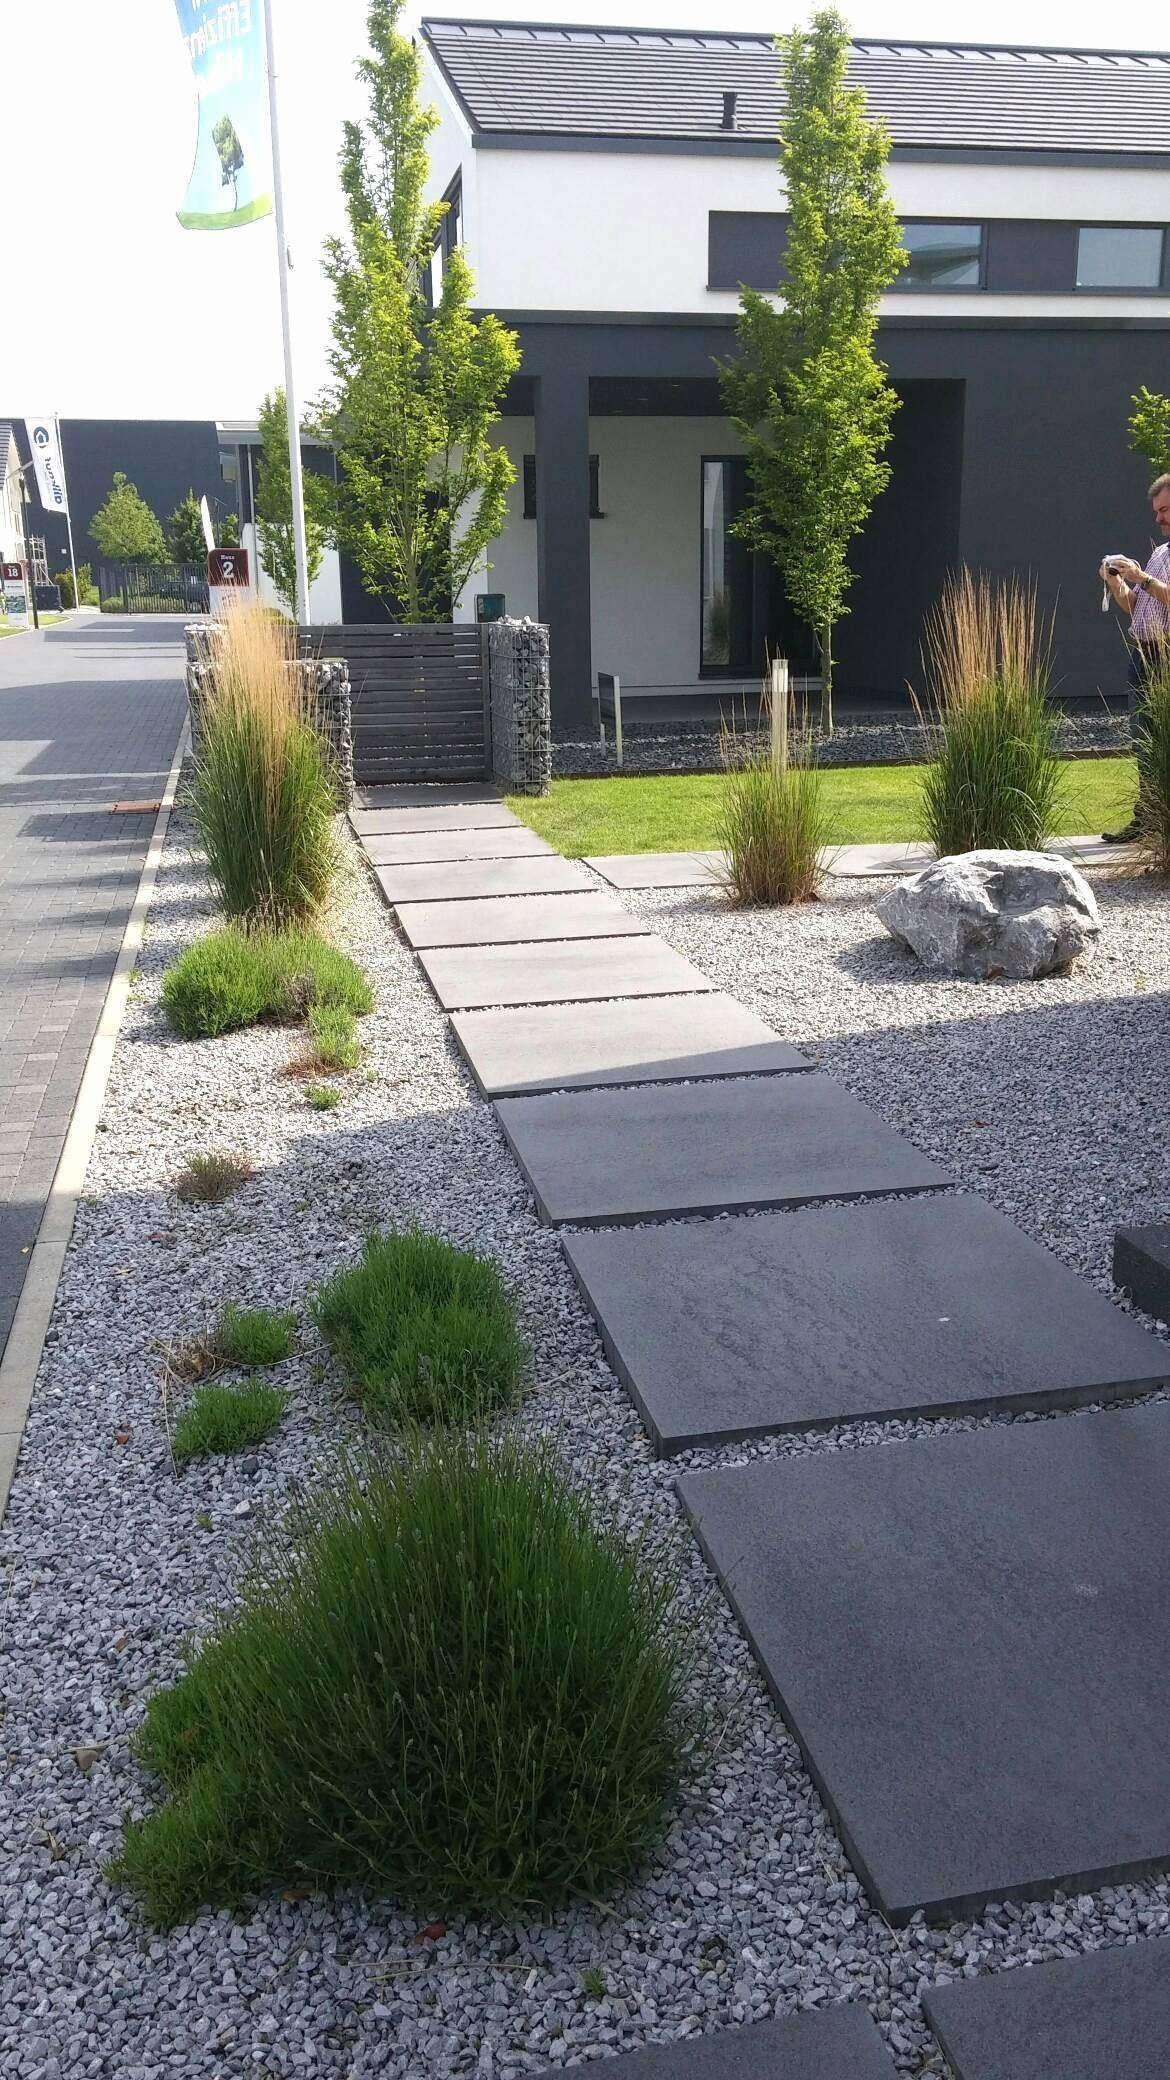 Vorgarten Gestalten Ideen Schön Garten Ideas Garten Anlegen Lovely Aussenleuchten Garten 0d